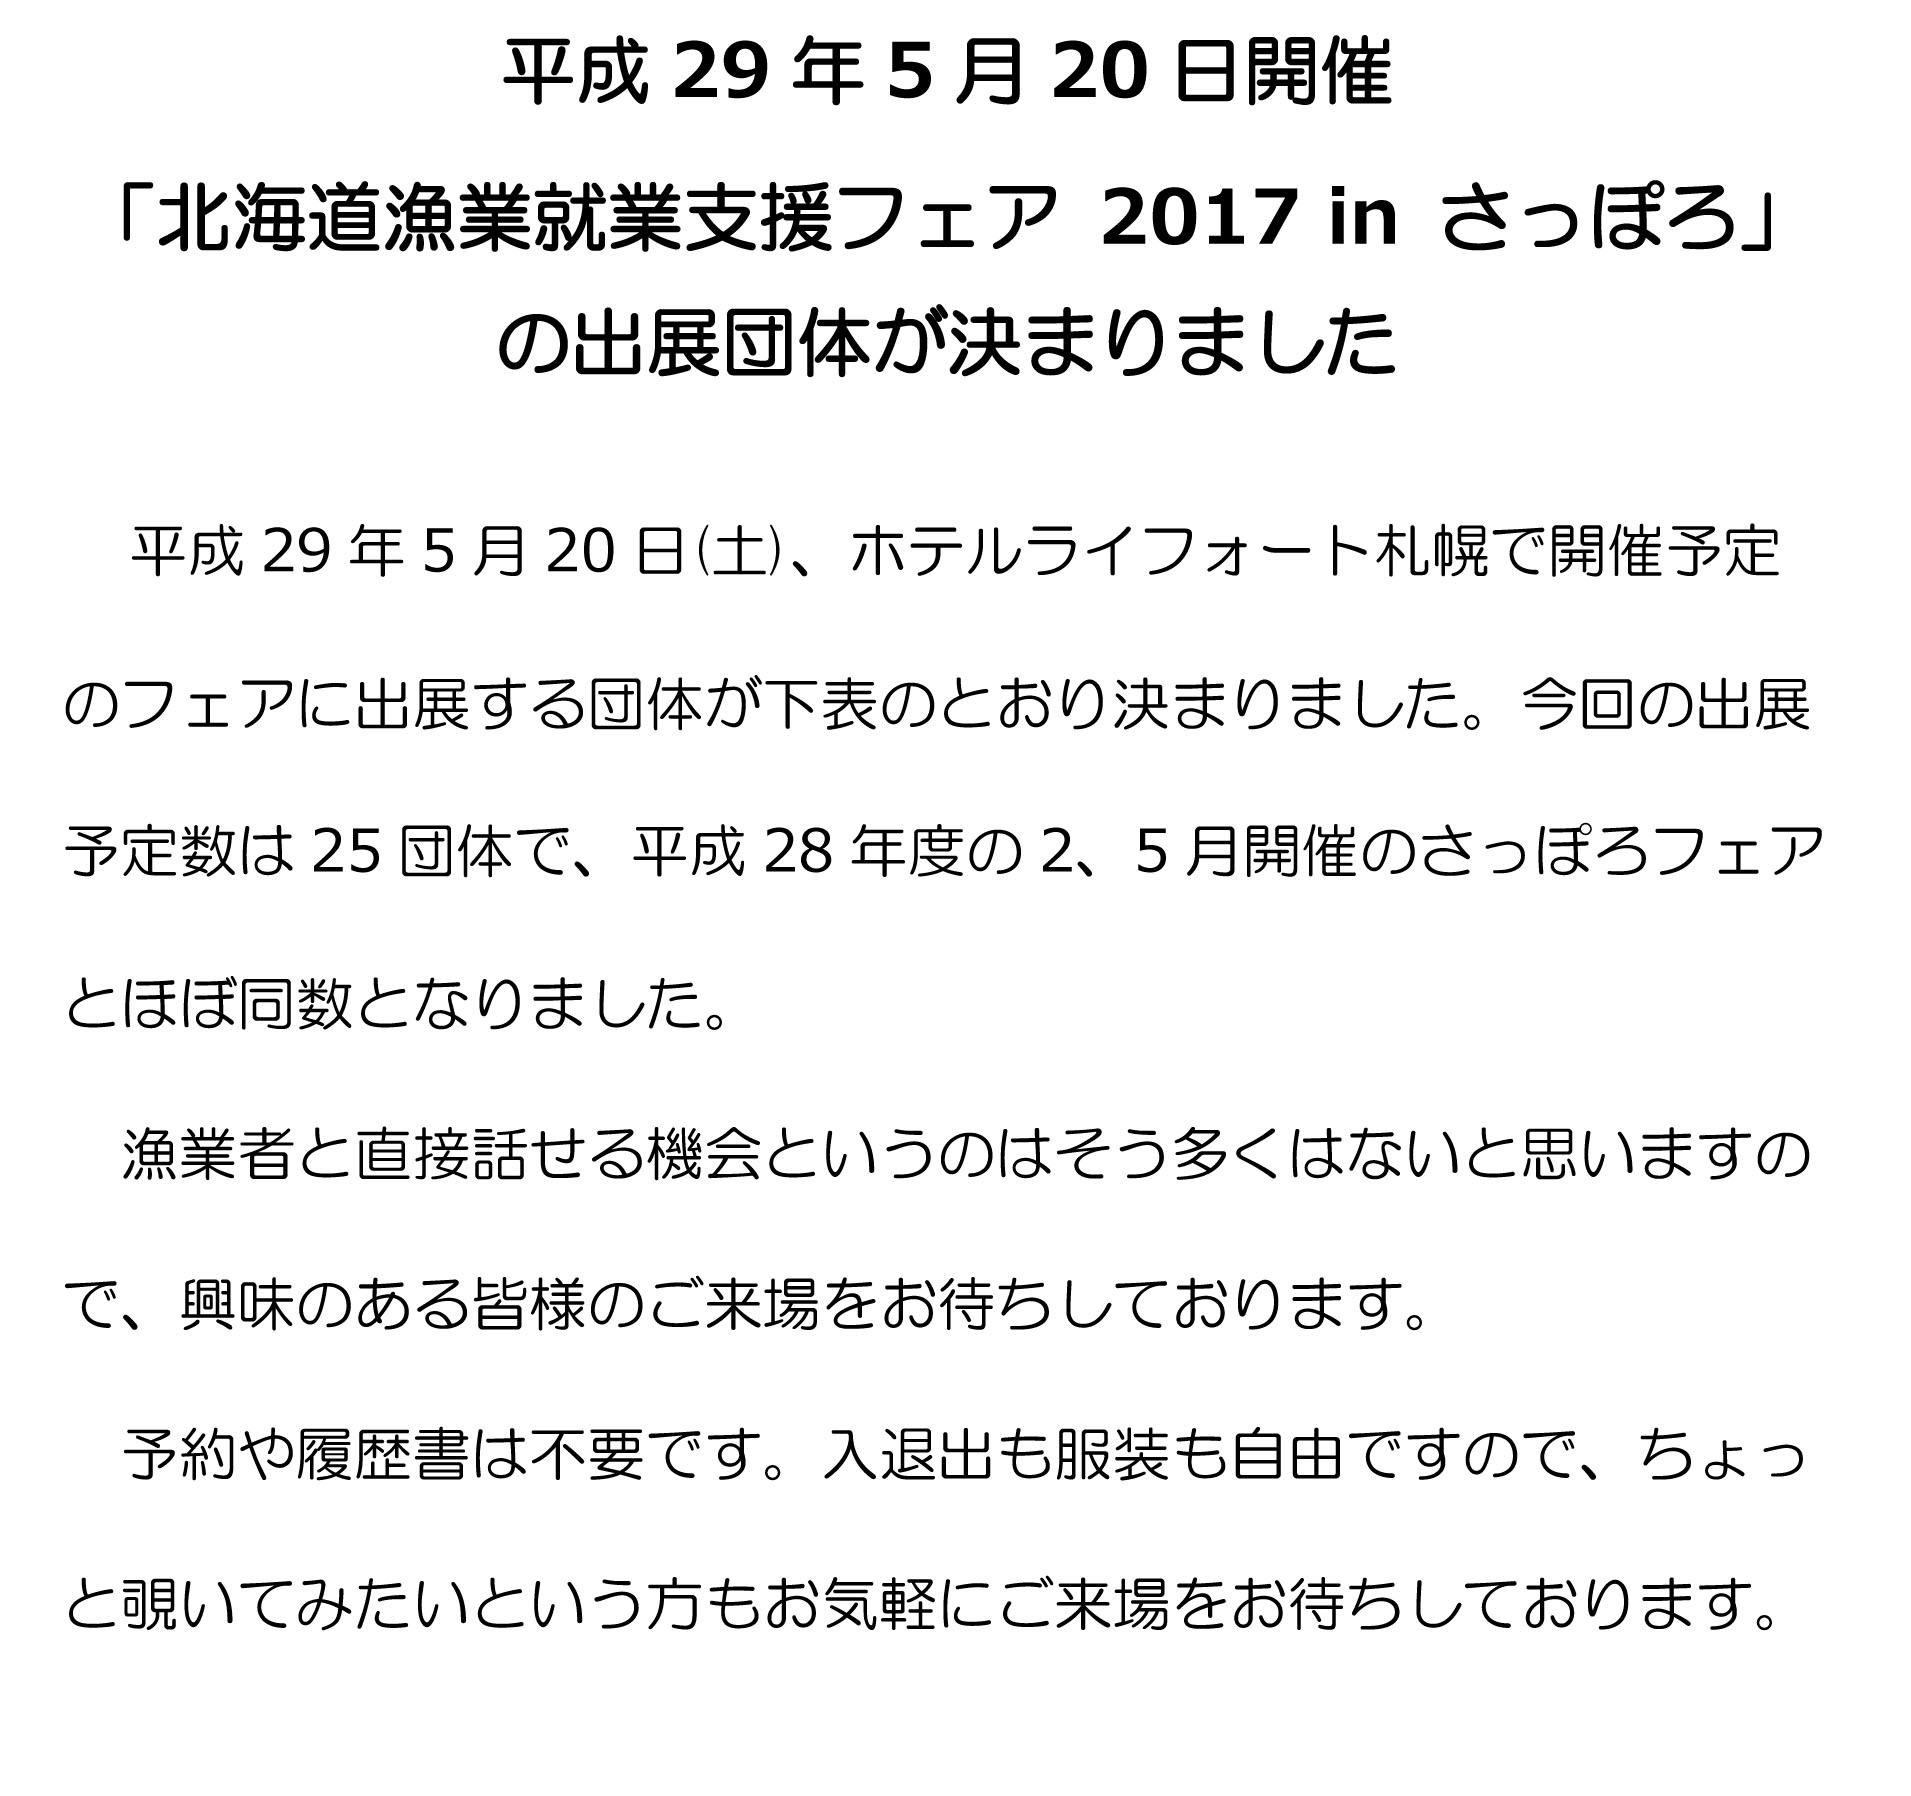 平成29年5月20日開催分